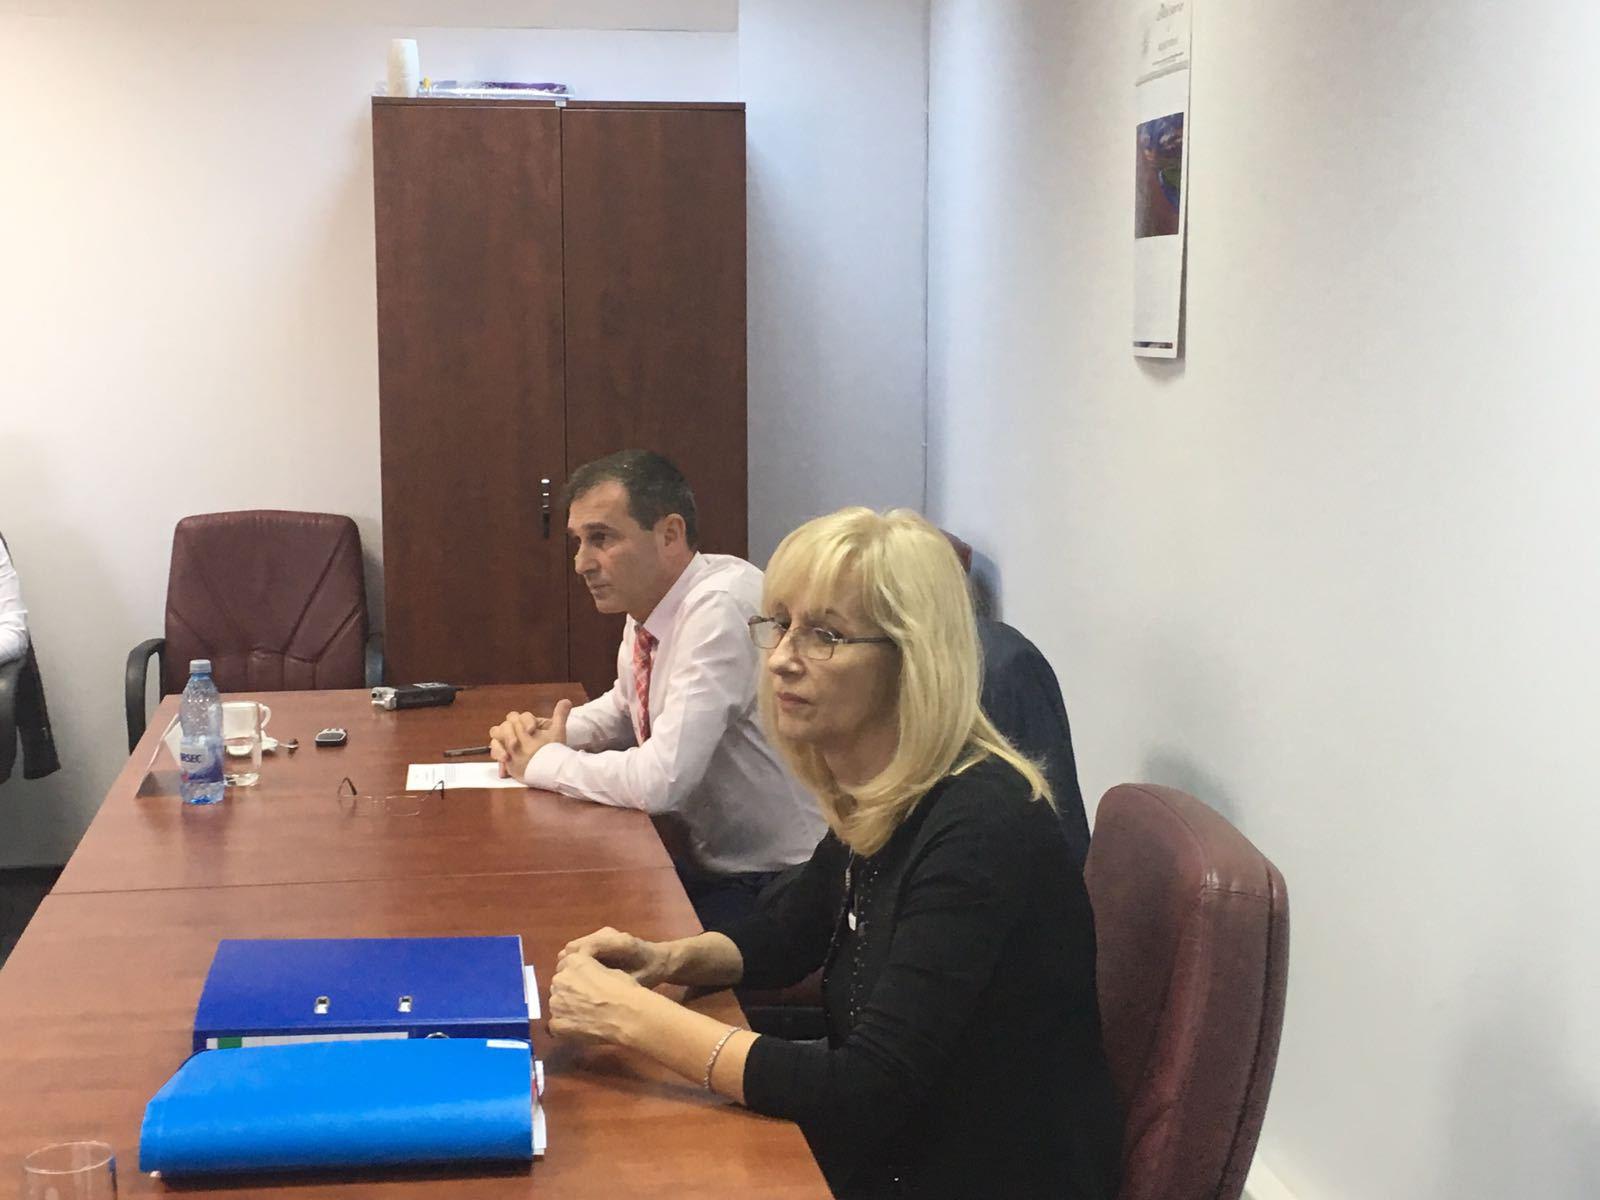 Inspecţia Judiciară face verificări după ce inspectoarea Rădescu a spus că a fost nevoită să circule cu maşina DNA, pentru că la IJ nu exista autovehicul disponibil deoarece `erau la coafor`